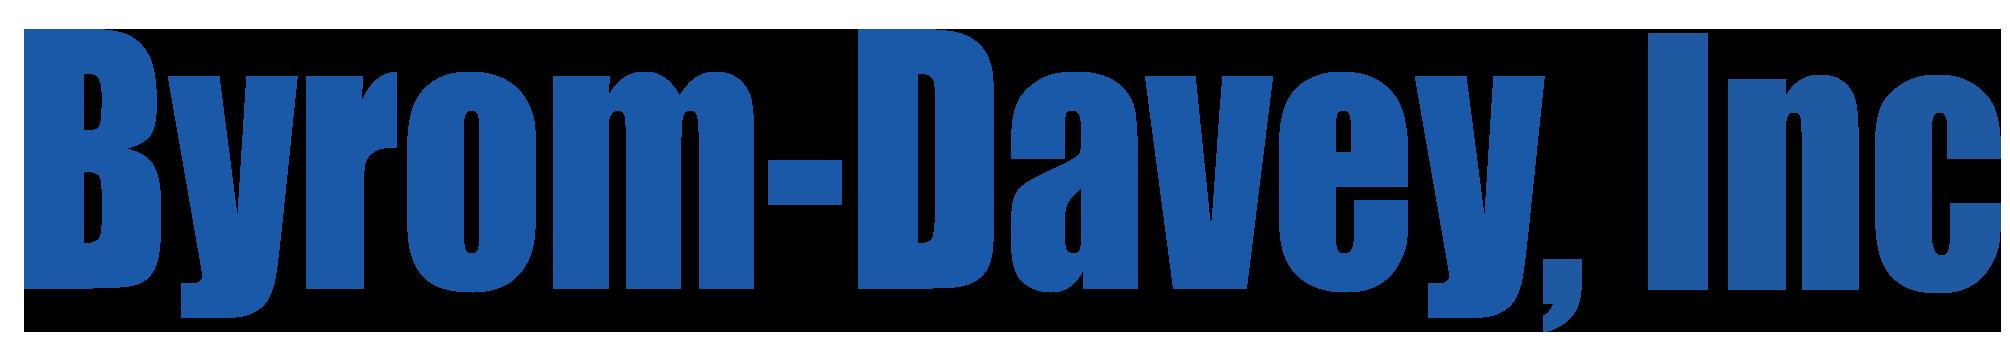 byrom-davey logo